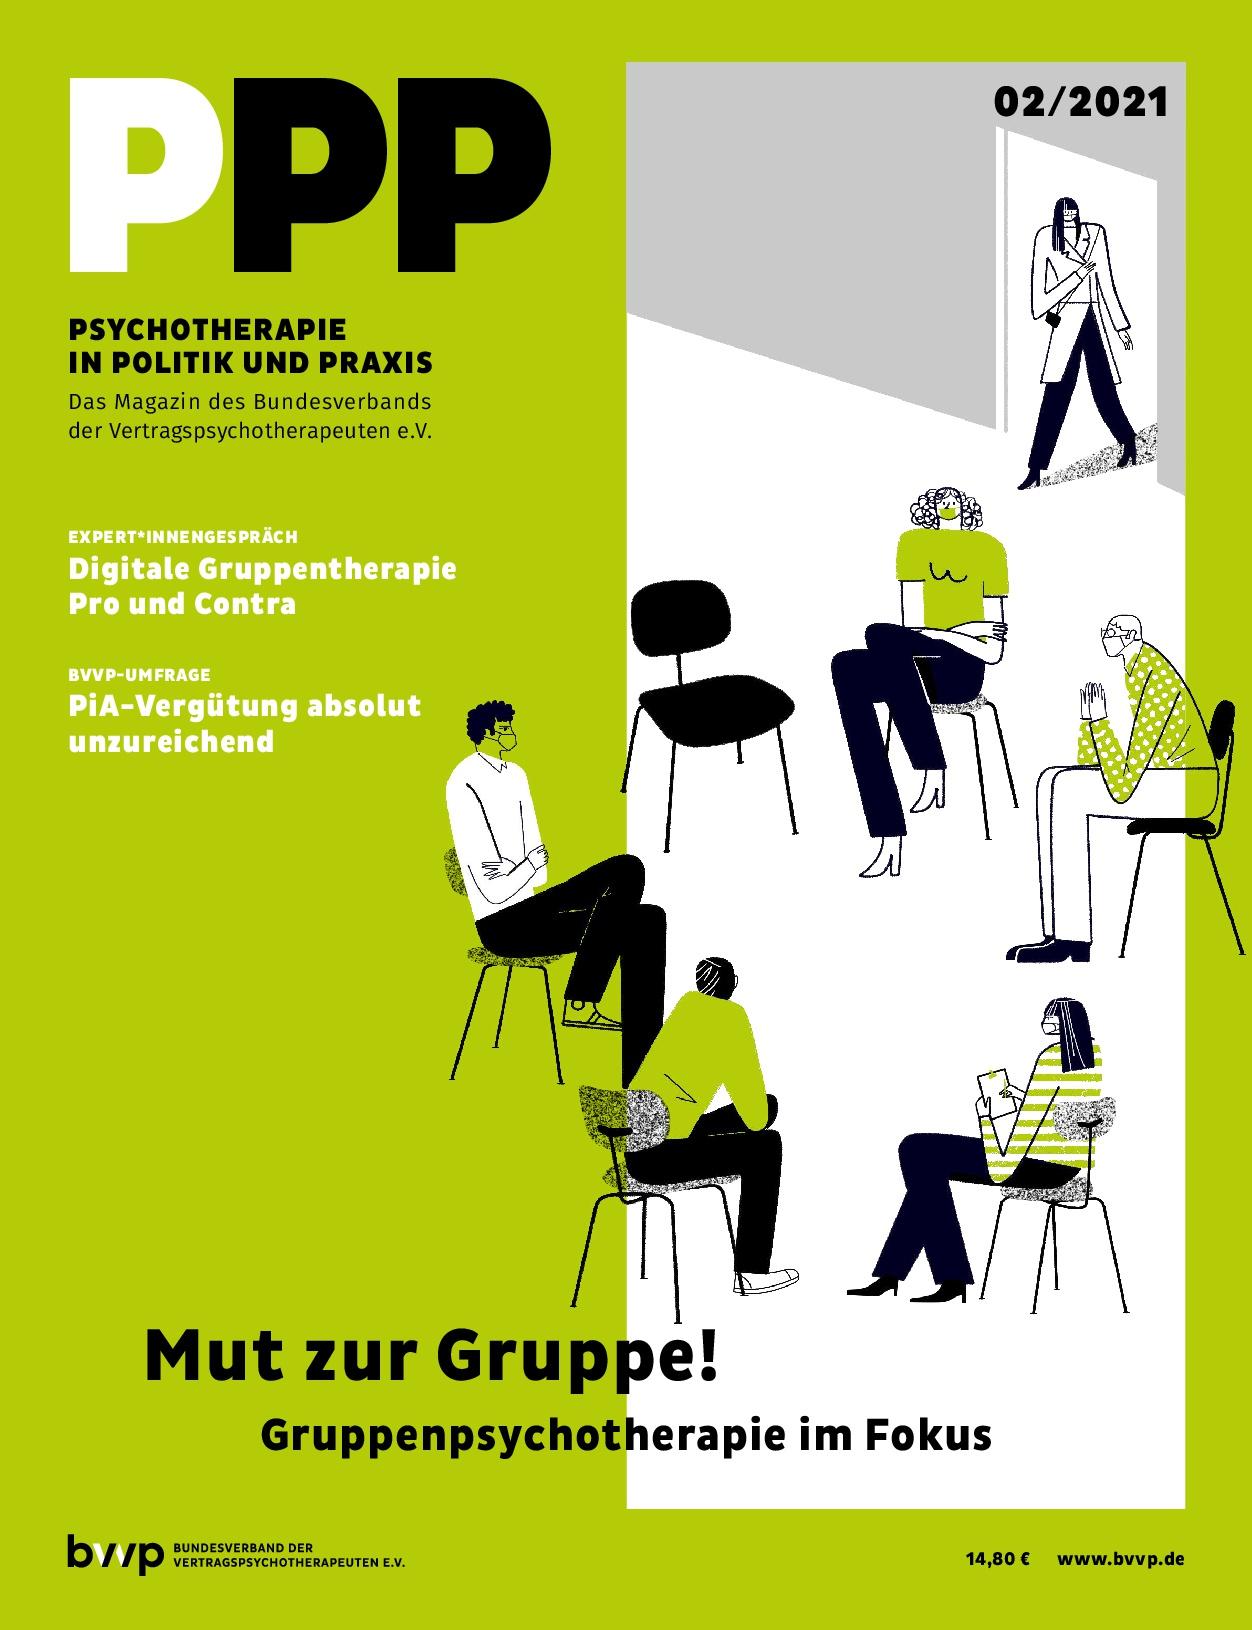 Psychotherapie in Politik und Praxis 02/2021